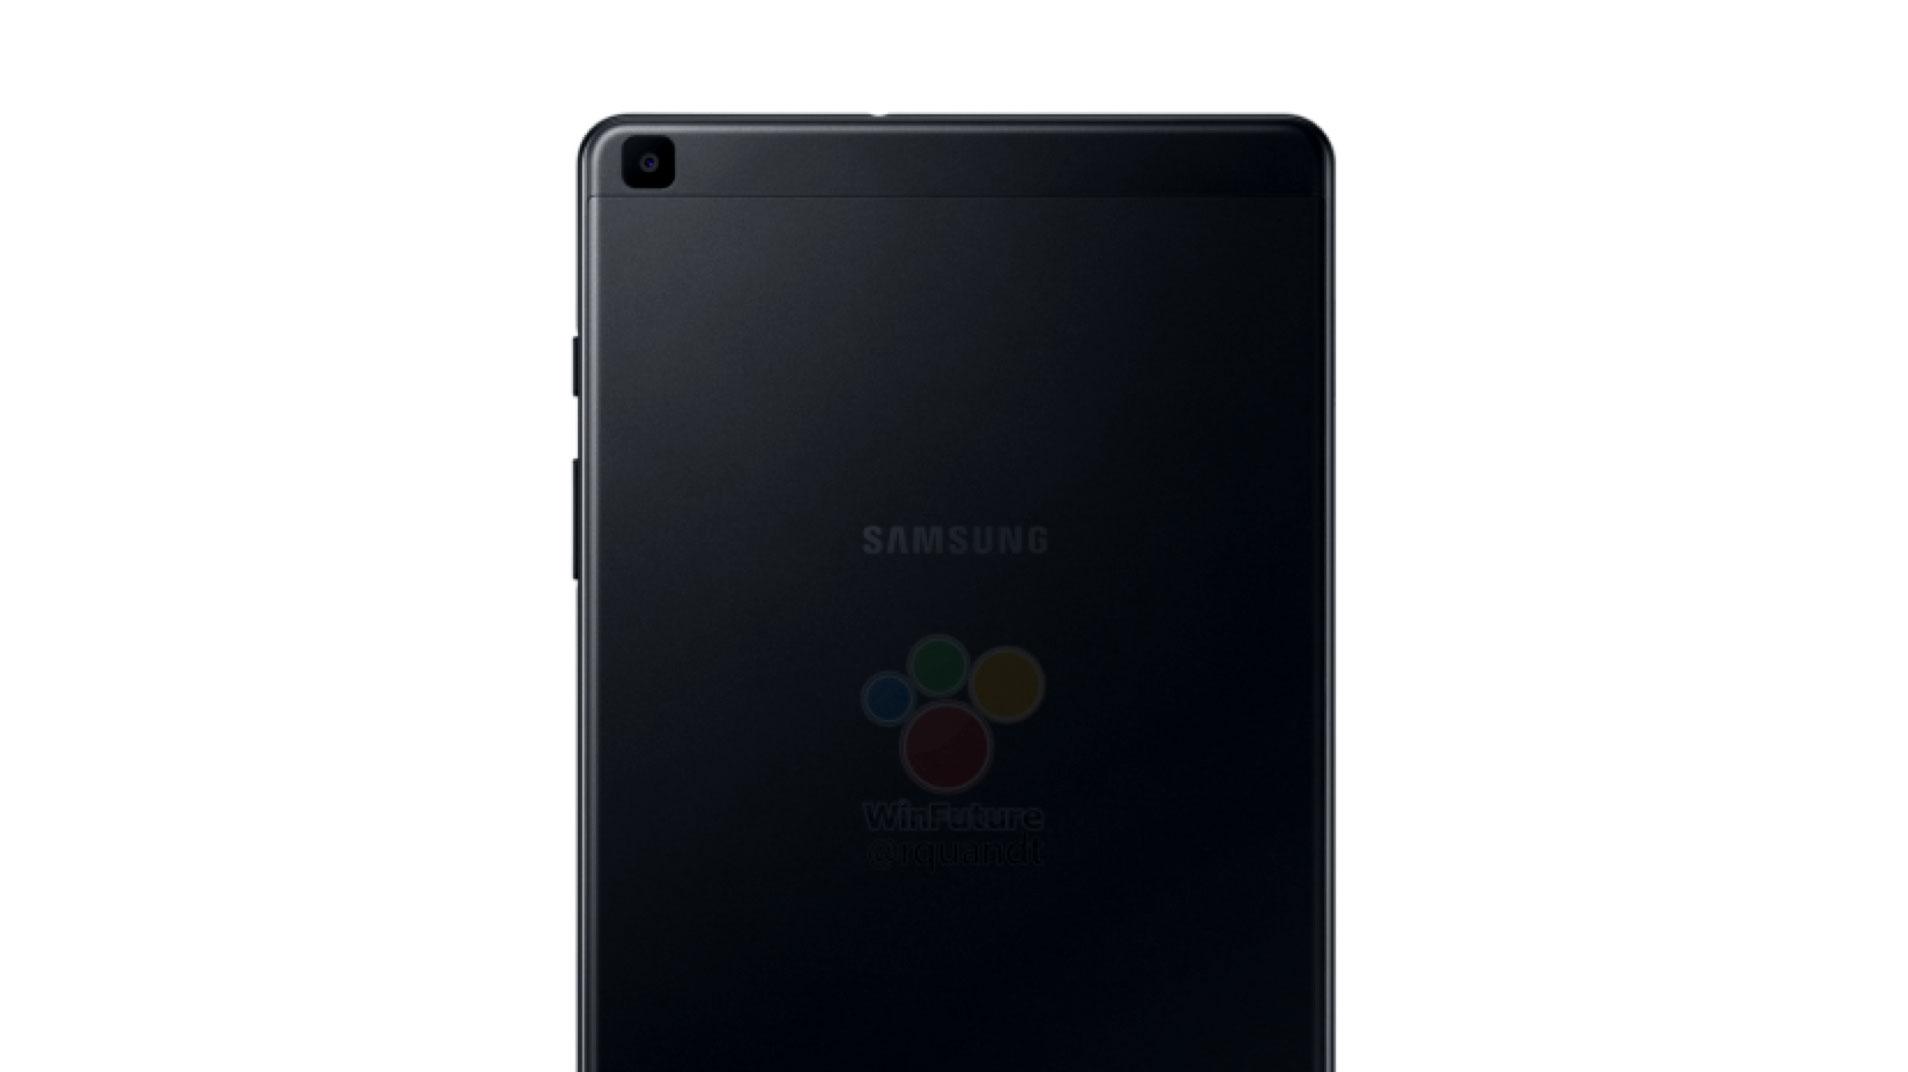 تبلت میان رده سامسونگ گلکسی تب ای ۸ ۲۰۱۹ (Galaxy Tab A8 2019) را ببینید